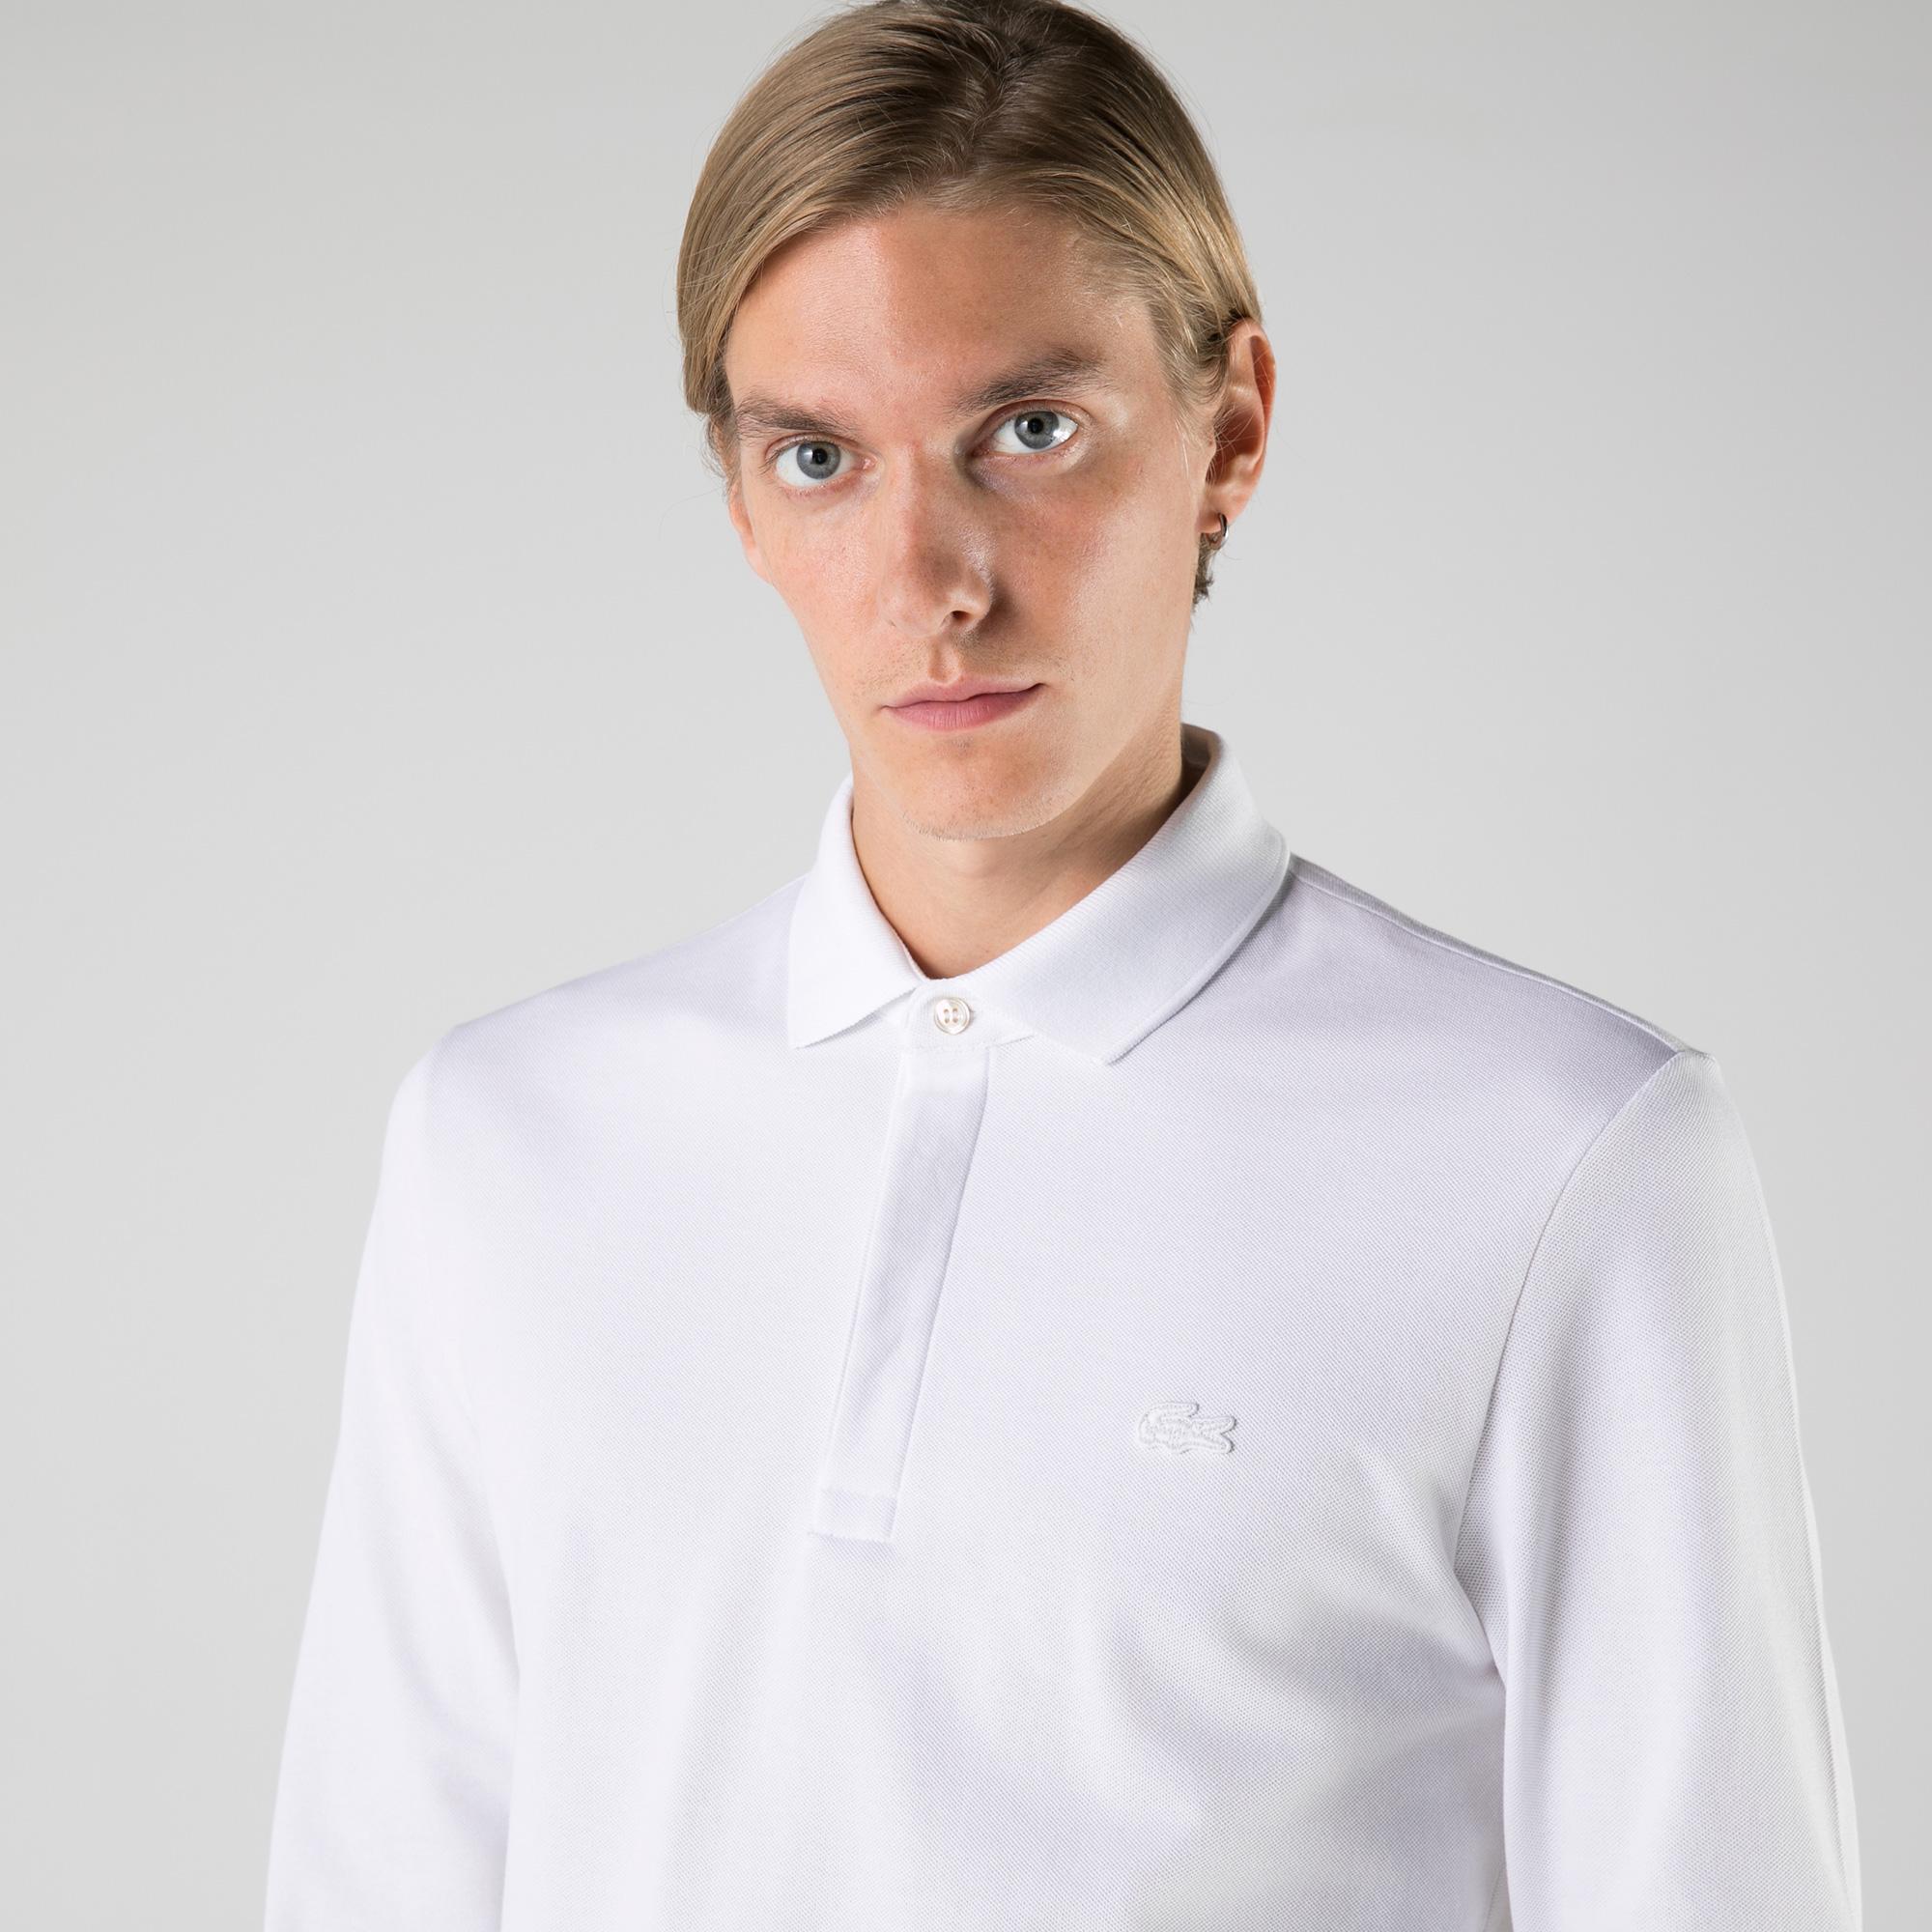 Lacoste Erkek Regular Fit Uzun Kollu Beyaz Polo